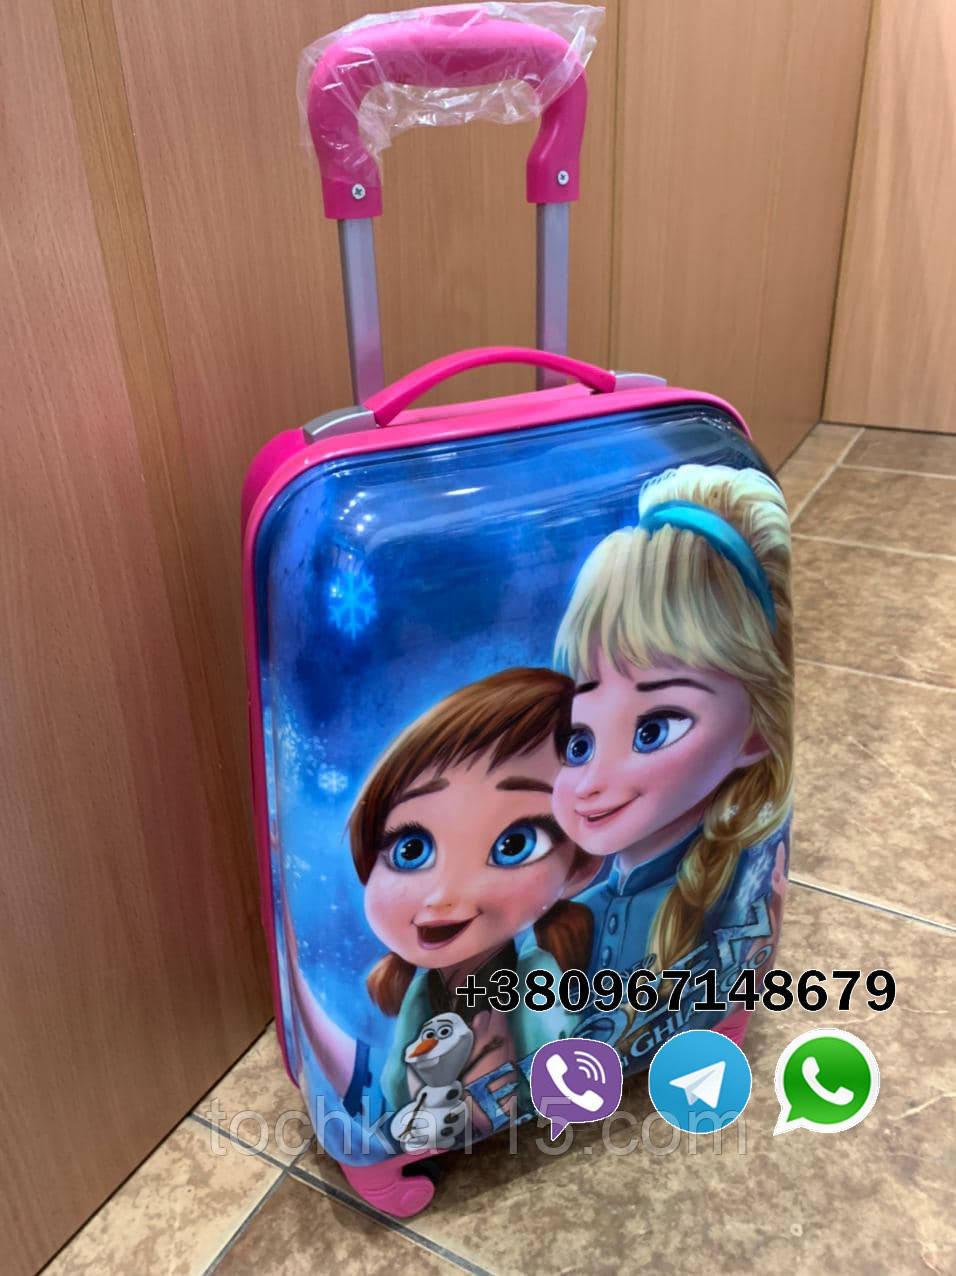 Детский пластиковый чемодан на четыре колеса с выдвижной ручкой Холодное сердце, ручная кладь 44/30/20 см